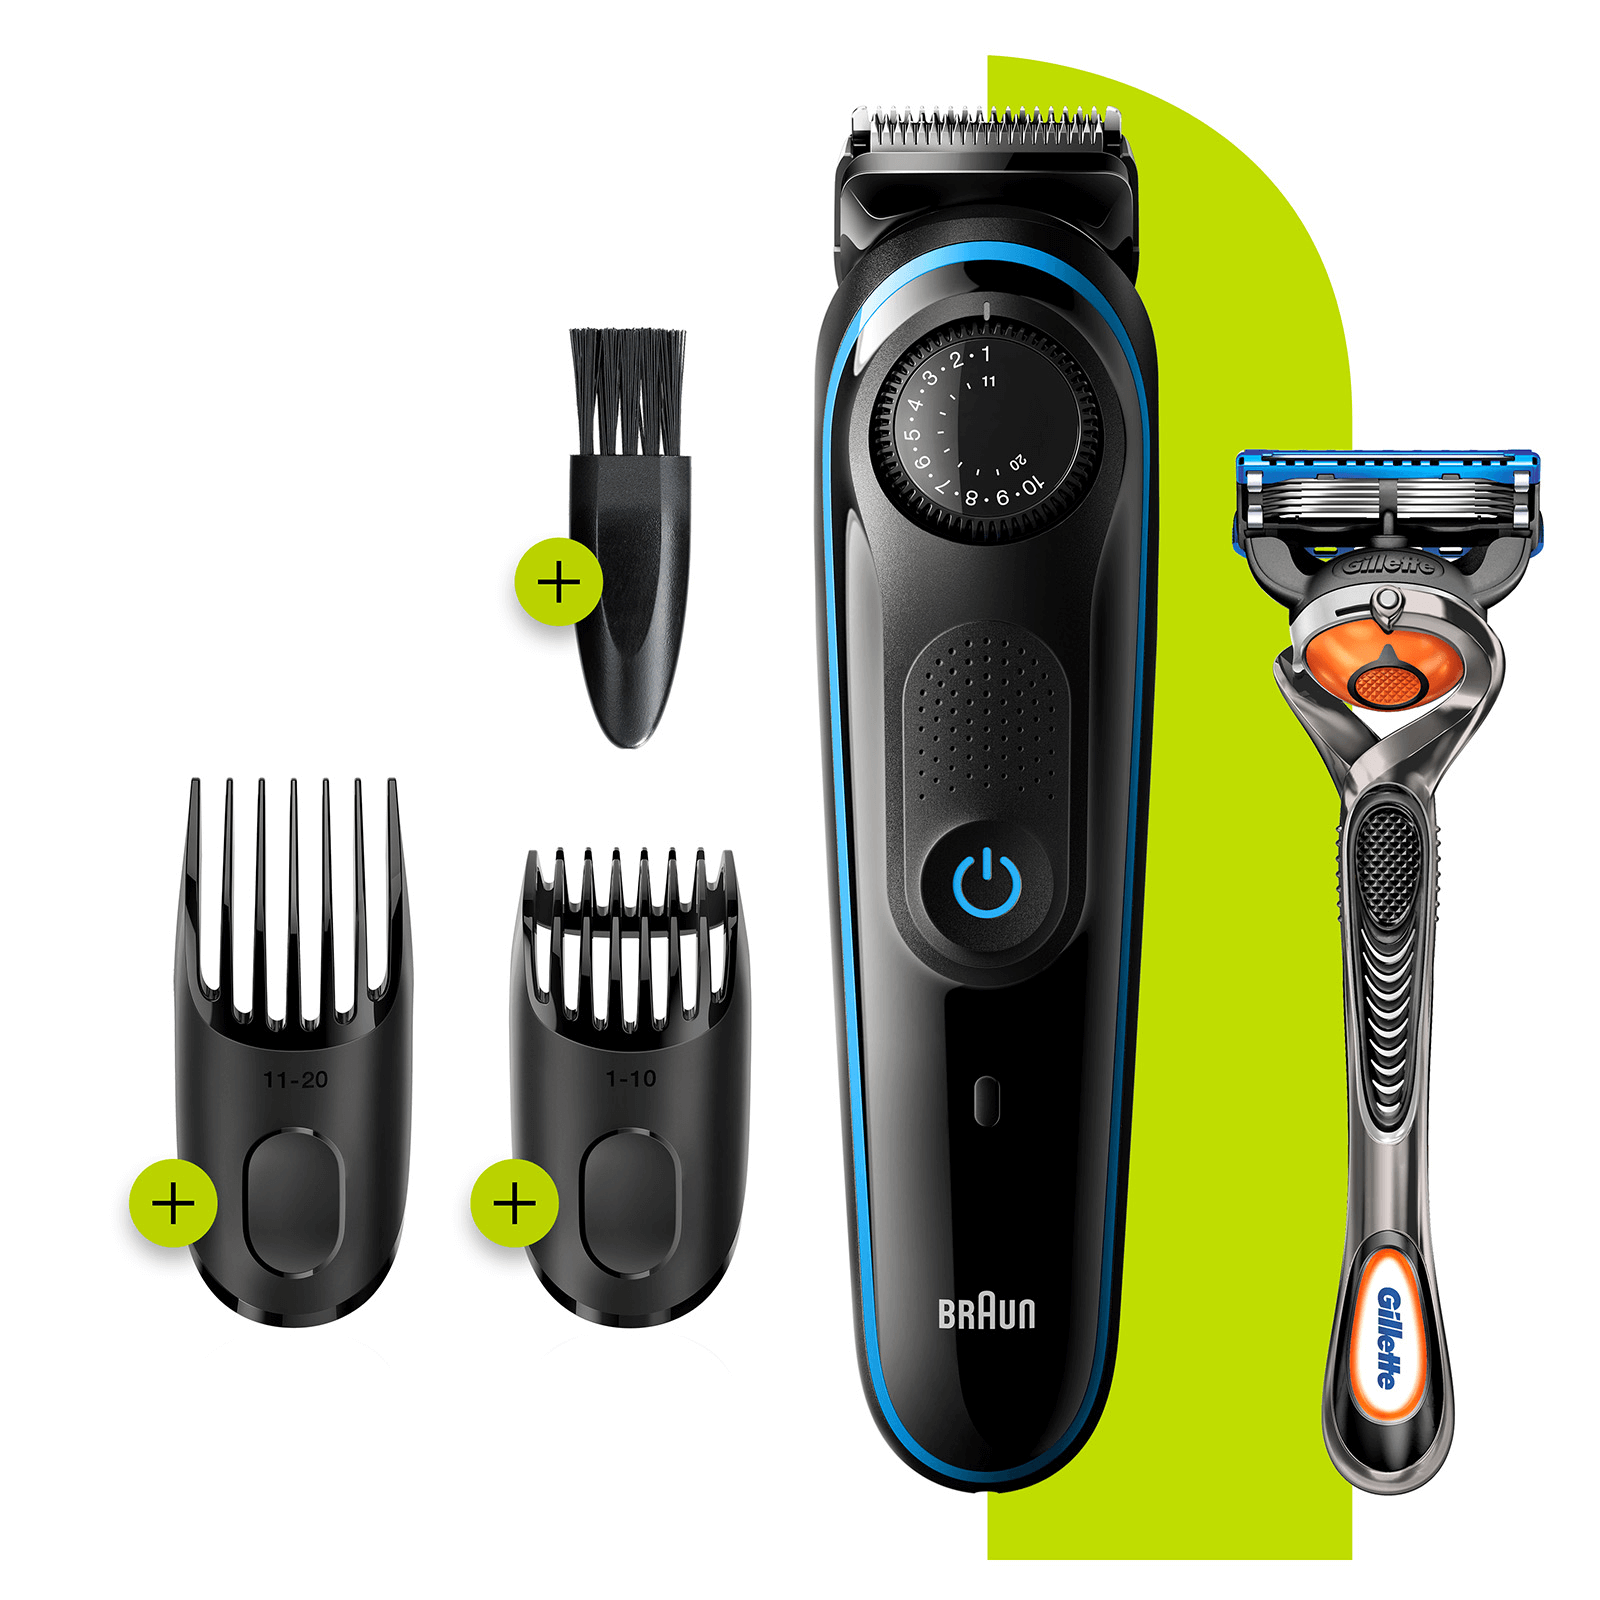 Braun Beard Trimmer 3 BT3240- Blue - Beard & Head Combs, plus Gillette Razor